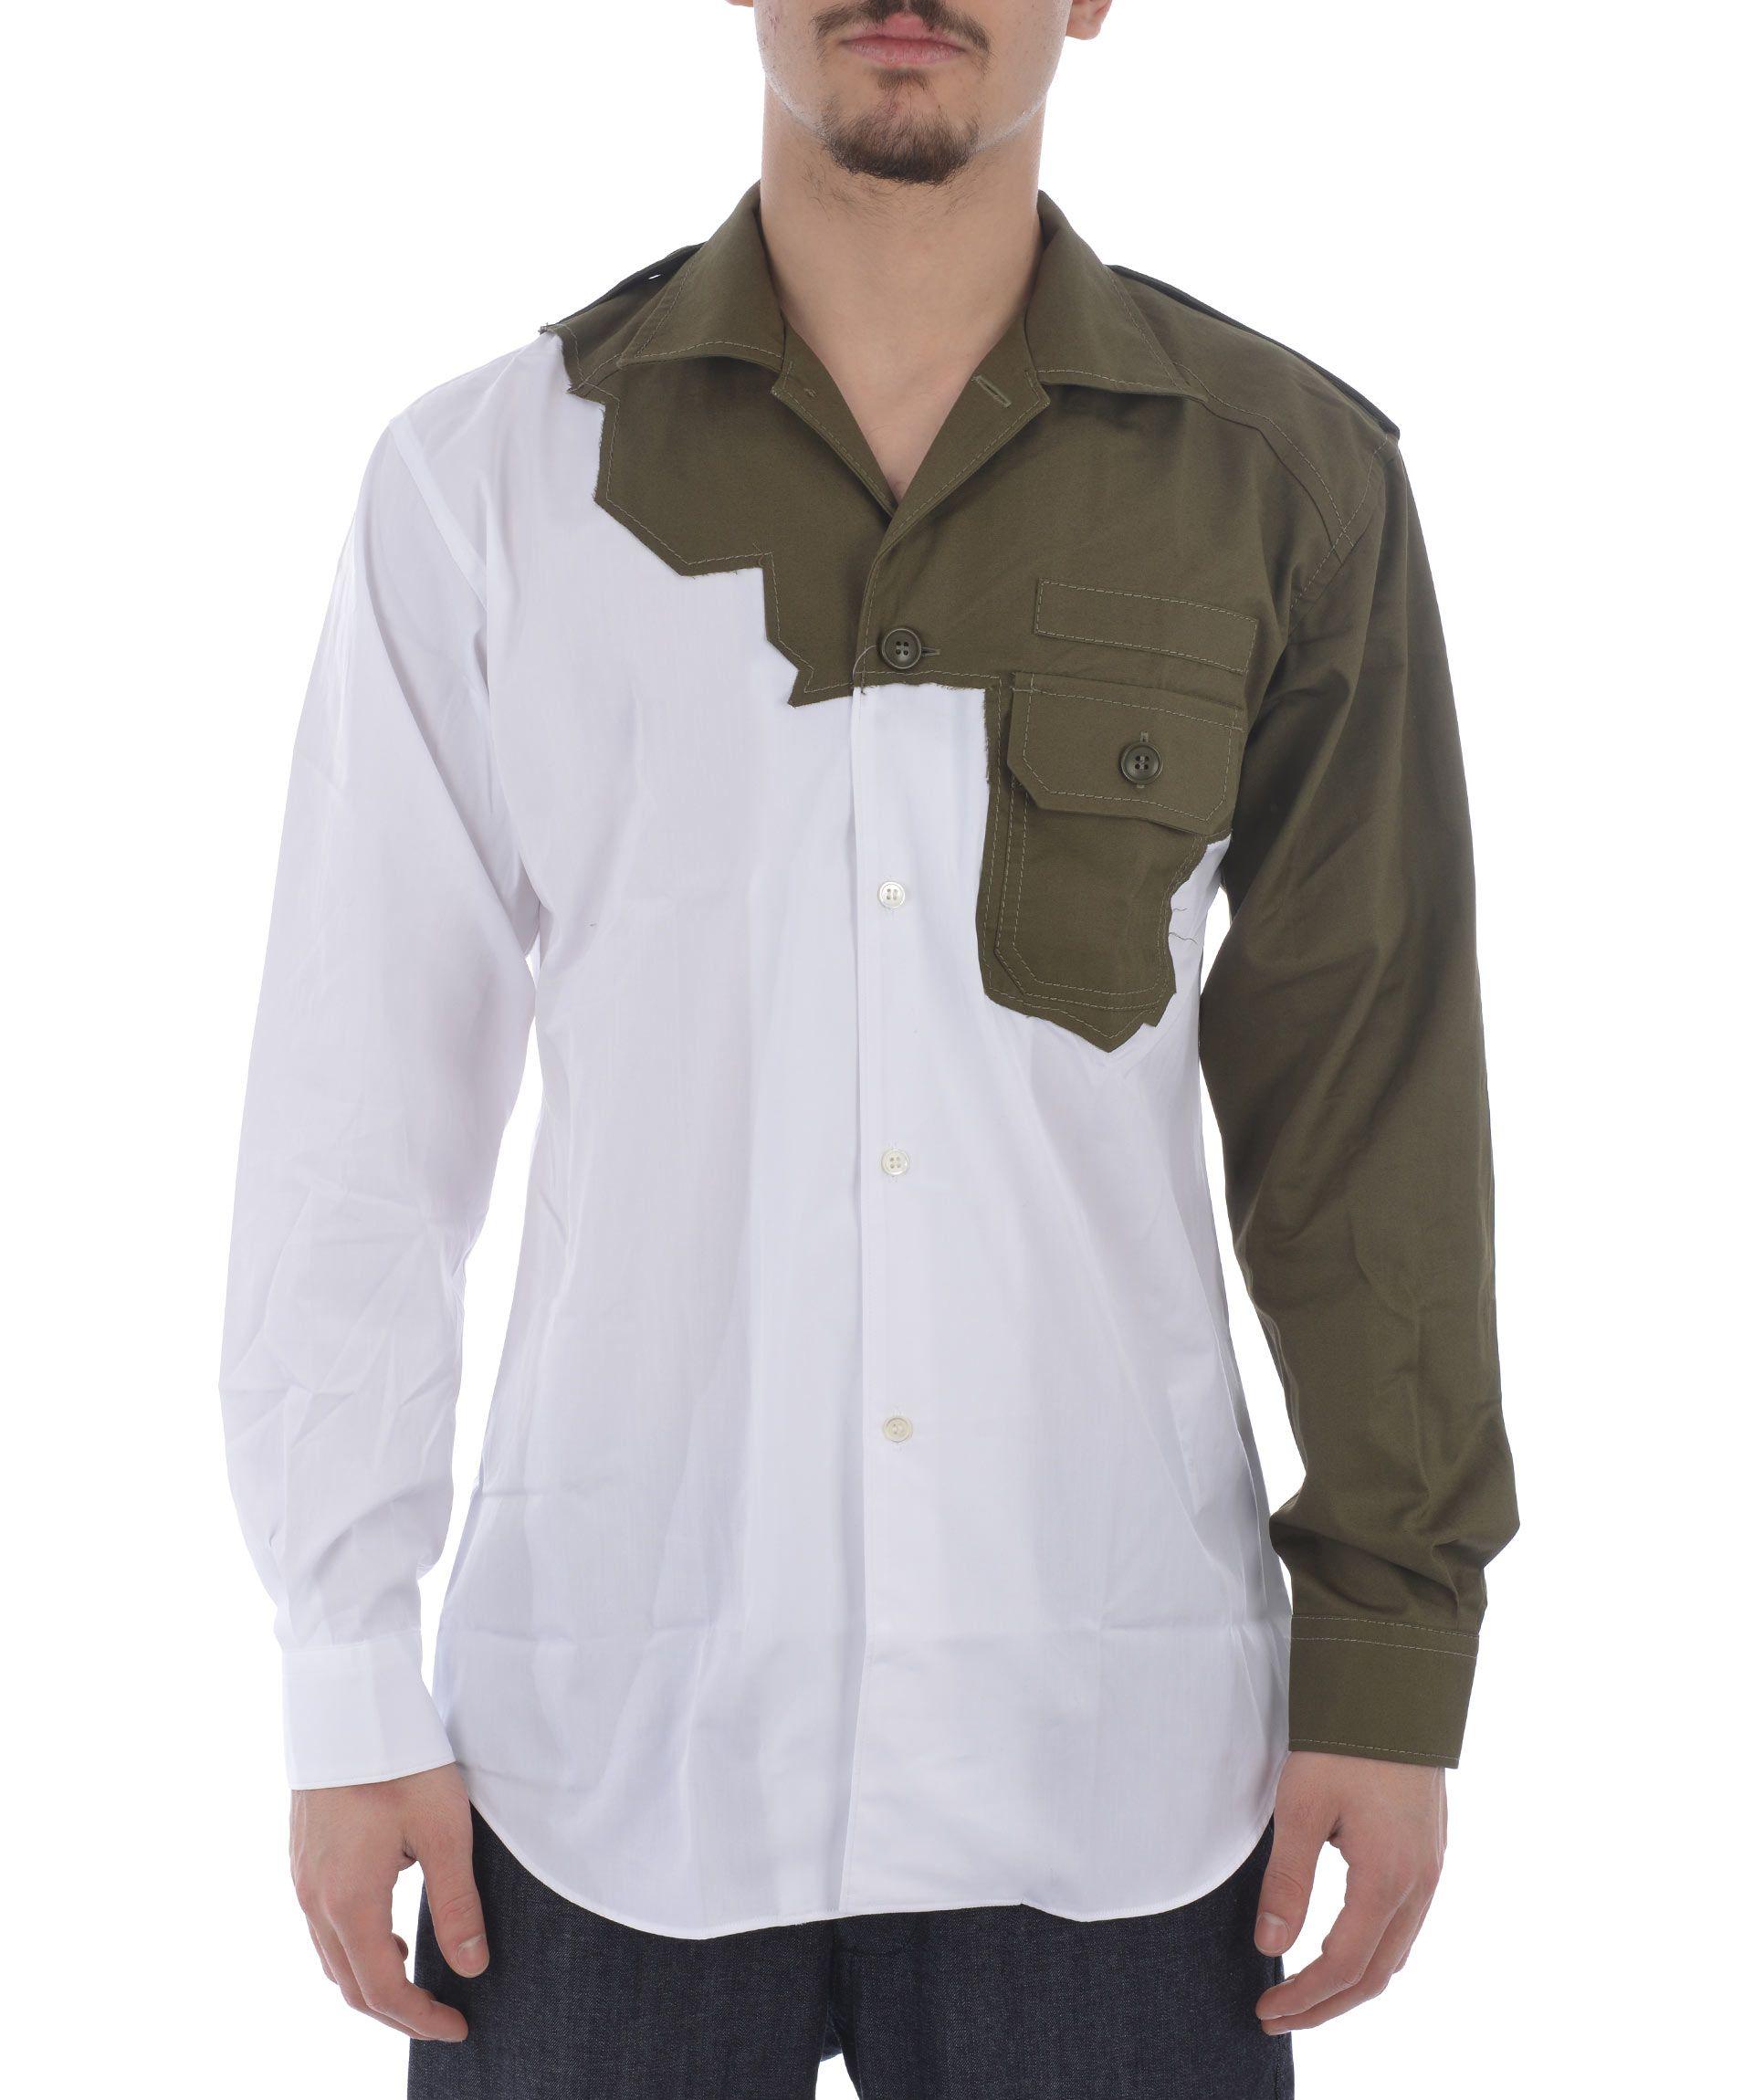 Comme Des Garçons Shirt Chest Pocket Assembled Shirt